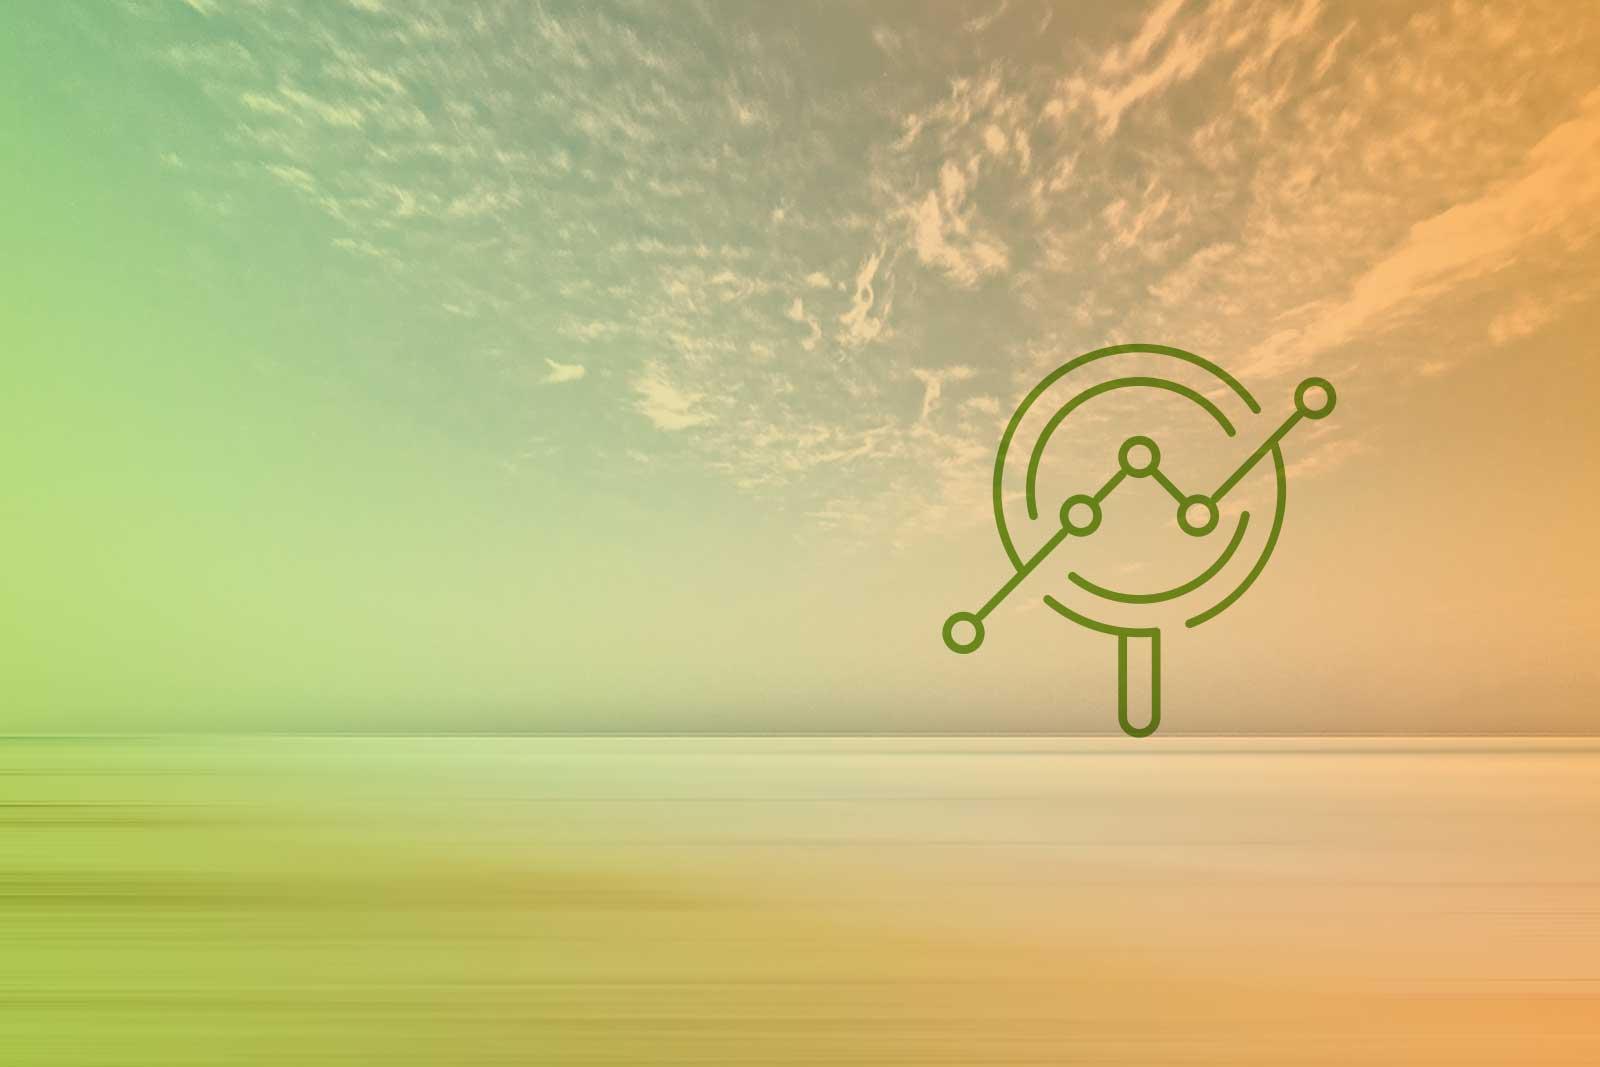 Imagem de um horizonte com um ícone de uma lupa